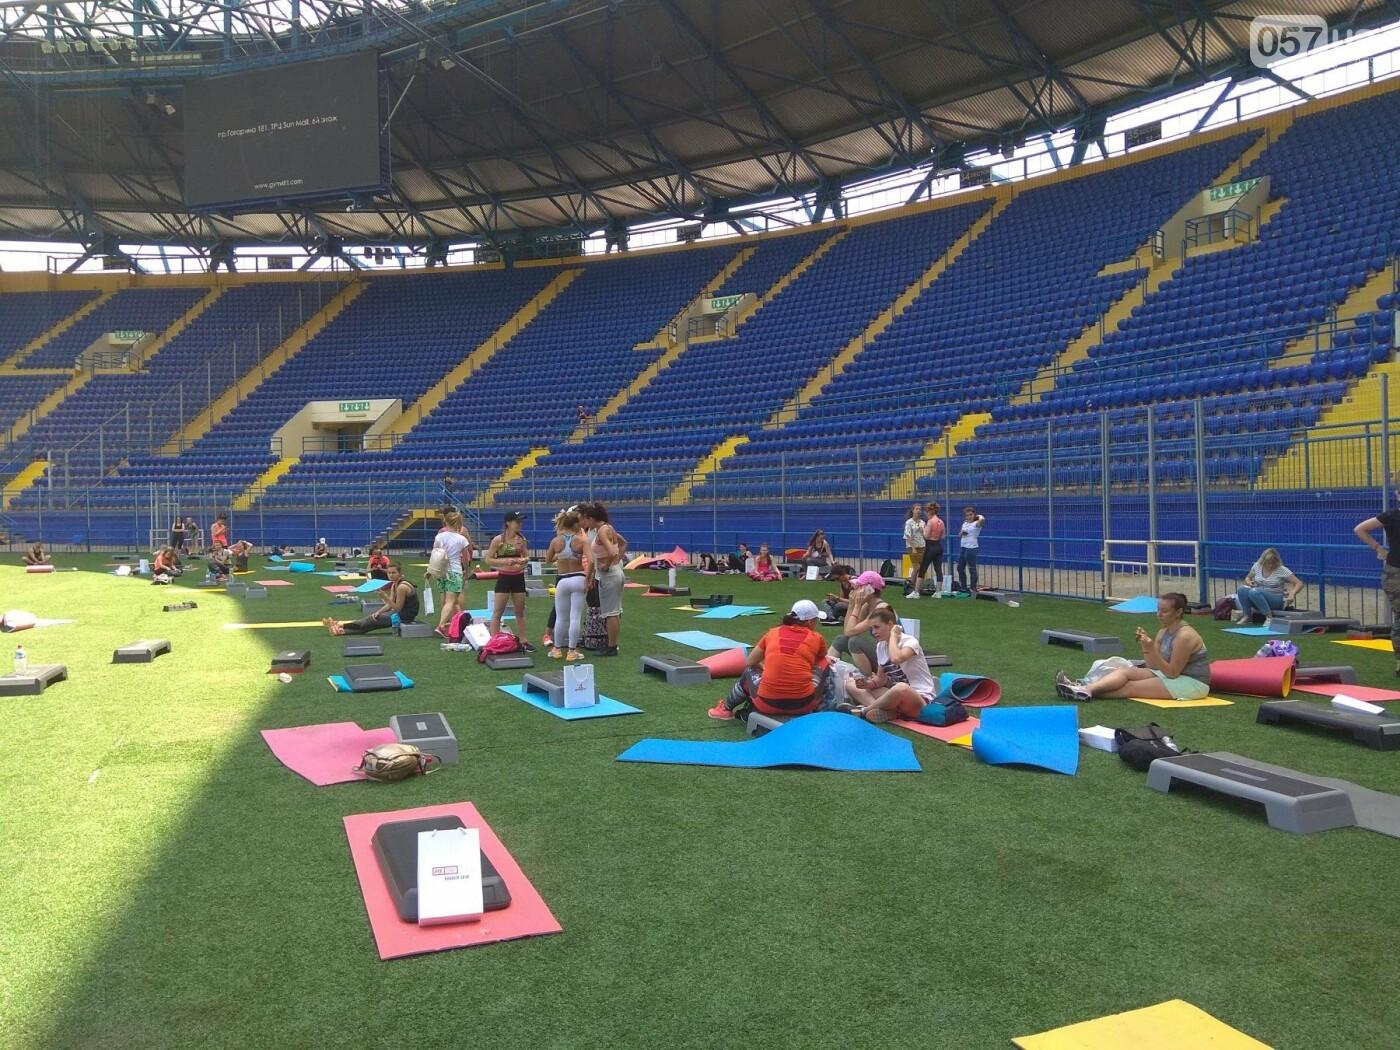 Фитнес и силовые упражнения. Как в Харькове проходят соревнования по кроссфиту, - ФОТО, фото-7